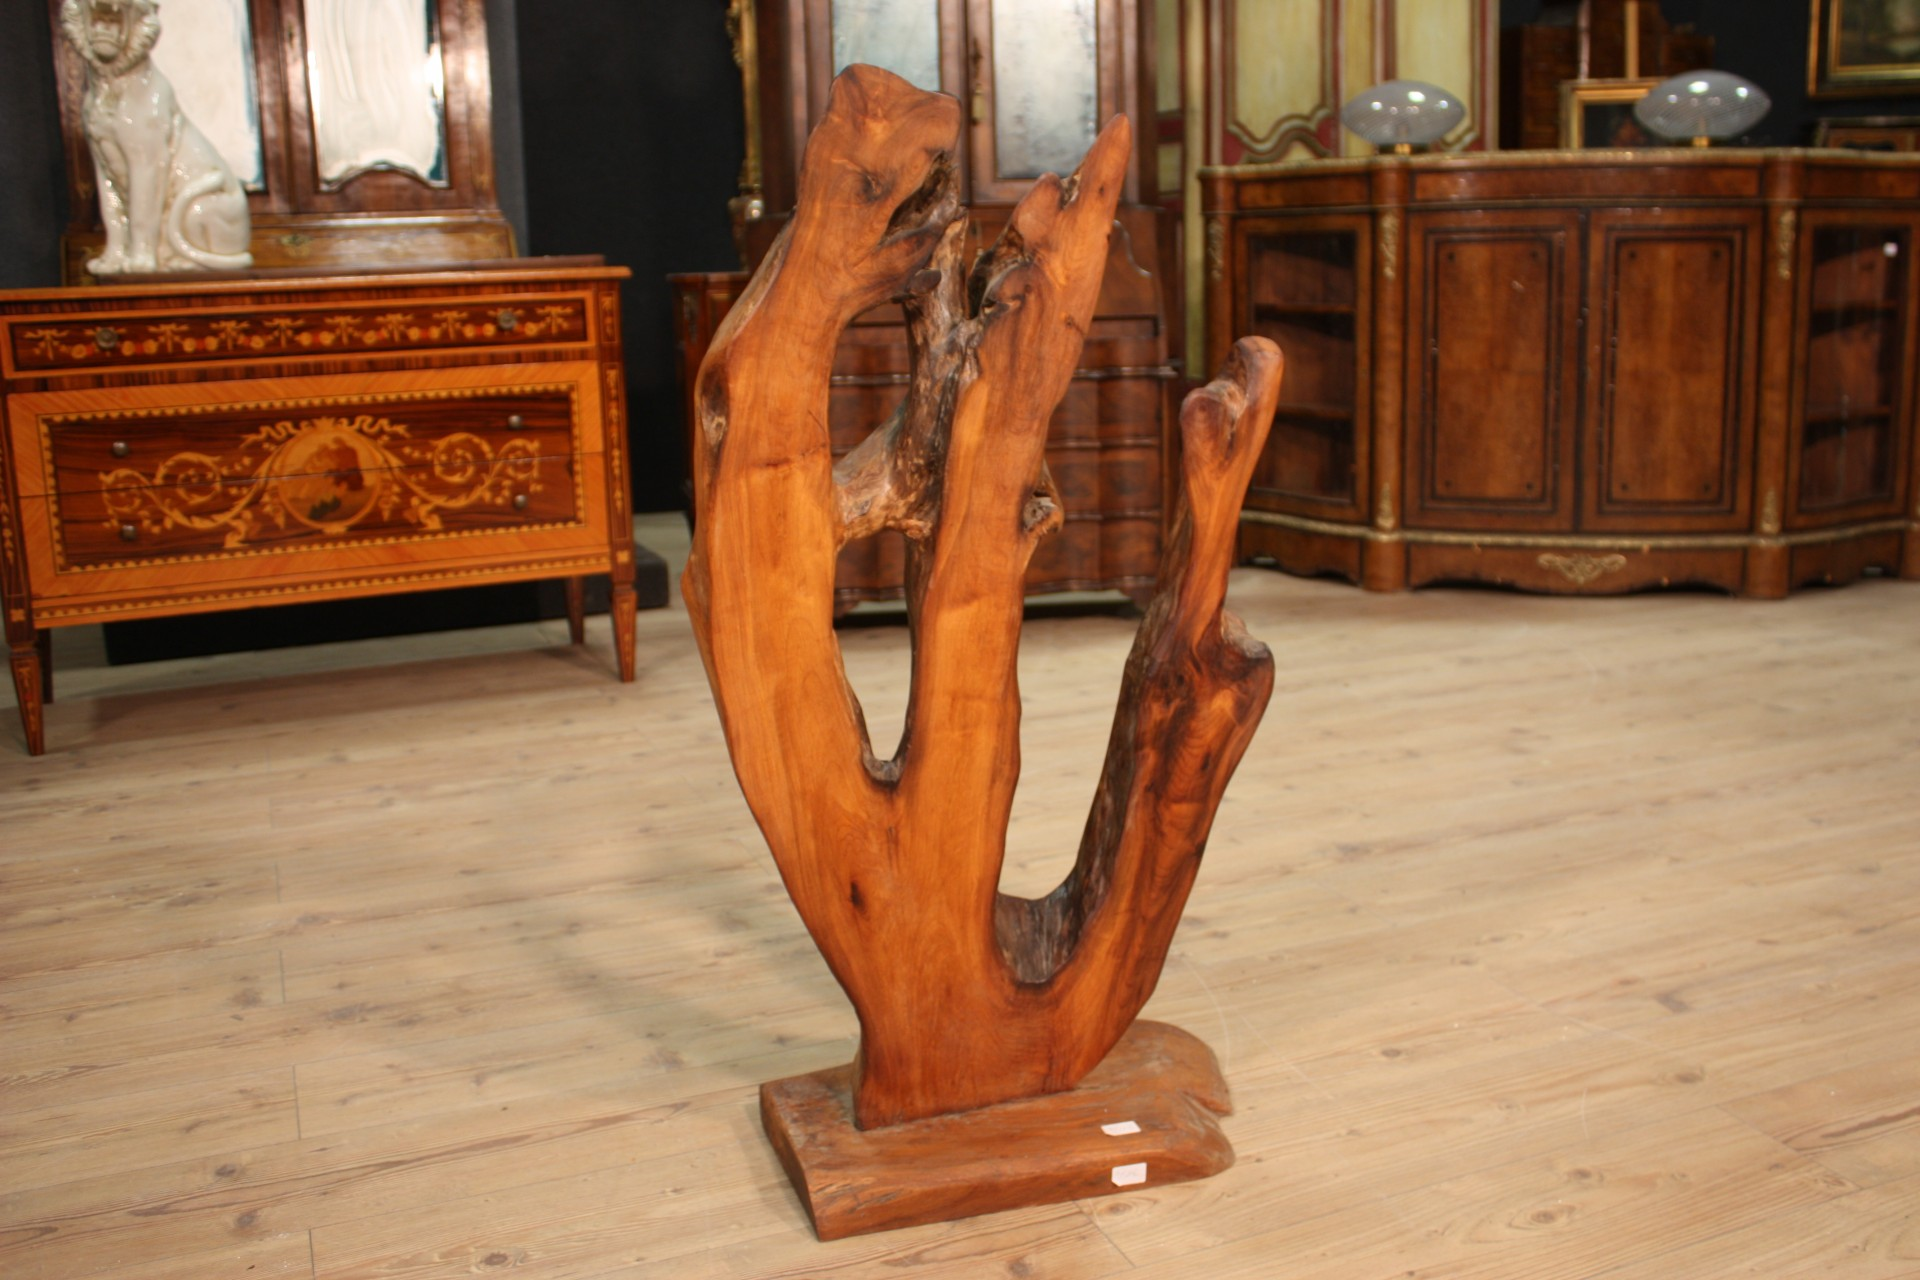 Scultura indonesiana in legno di radice acquatica